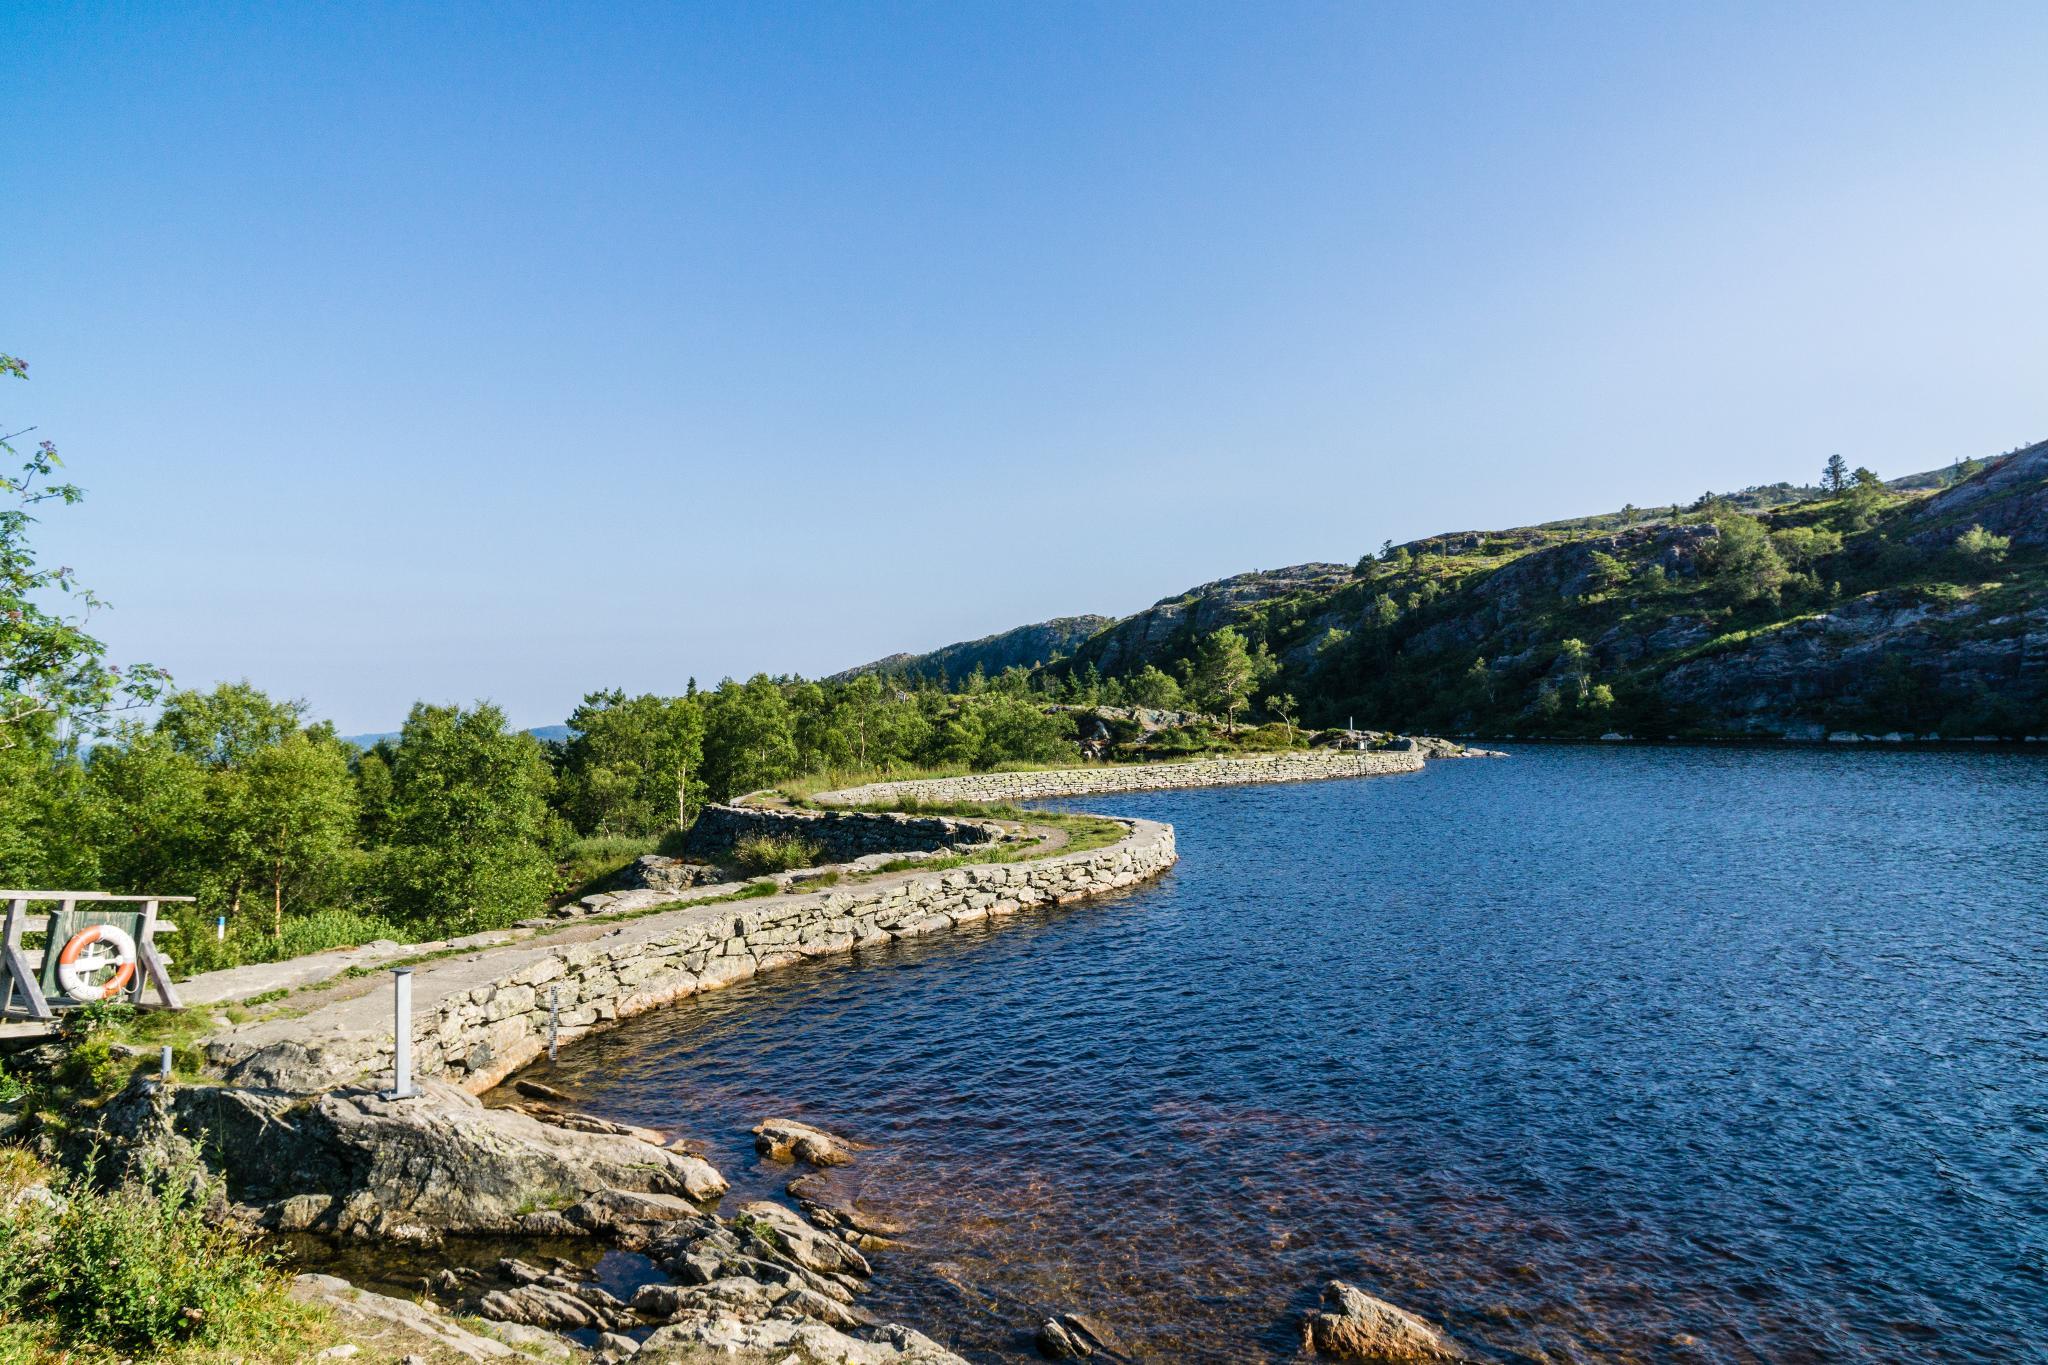 【卑爾根】超級震撼的隱藏版挪威景點 — Stoltzekleiven桑德維克斯石梯與Fløyen佛洛伊恩觀景台大縱走 19